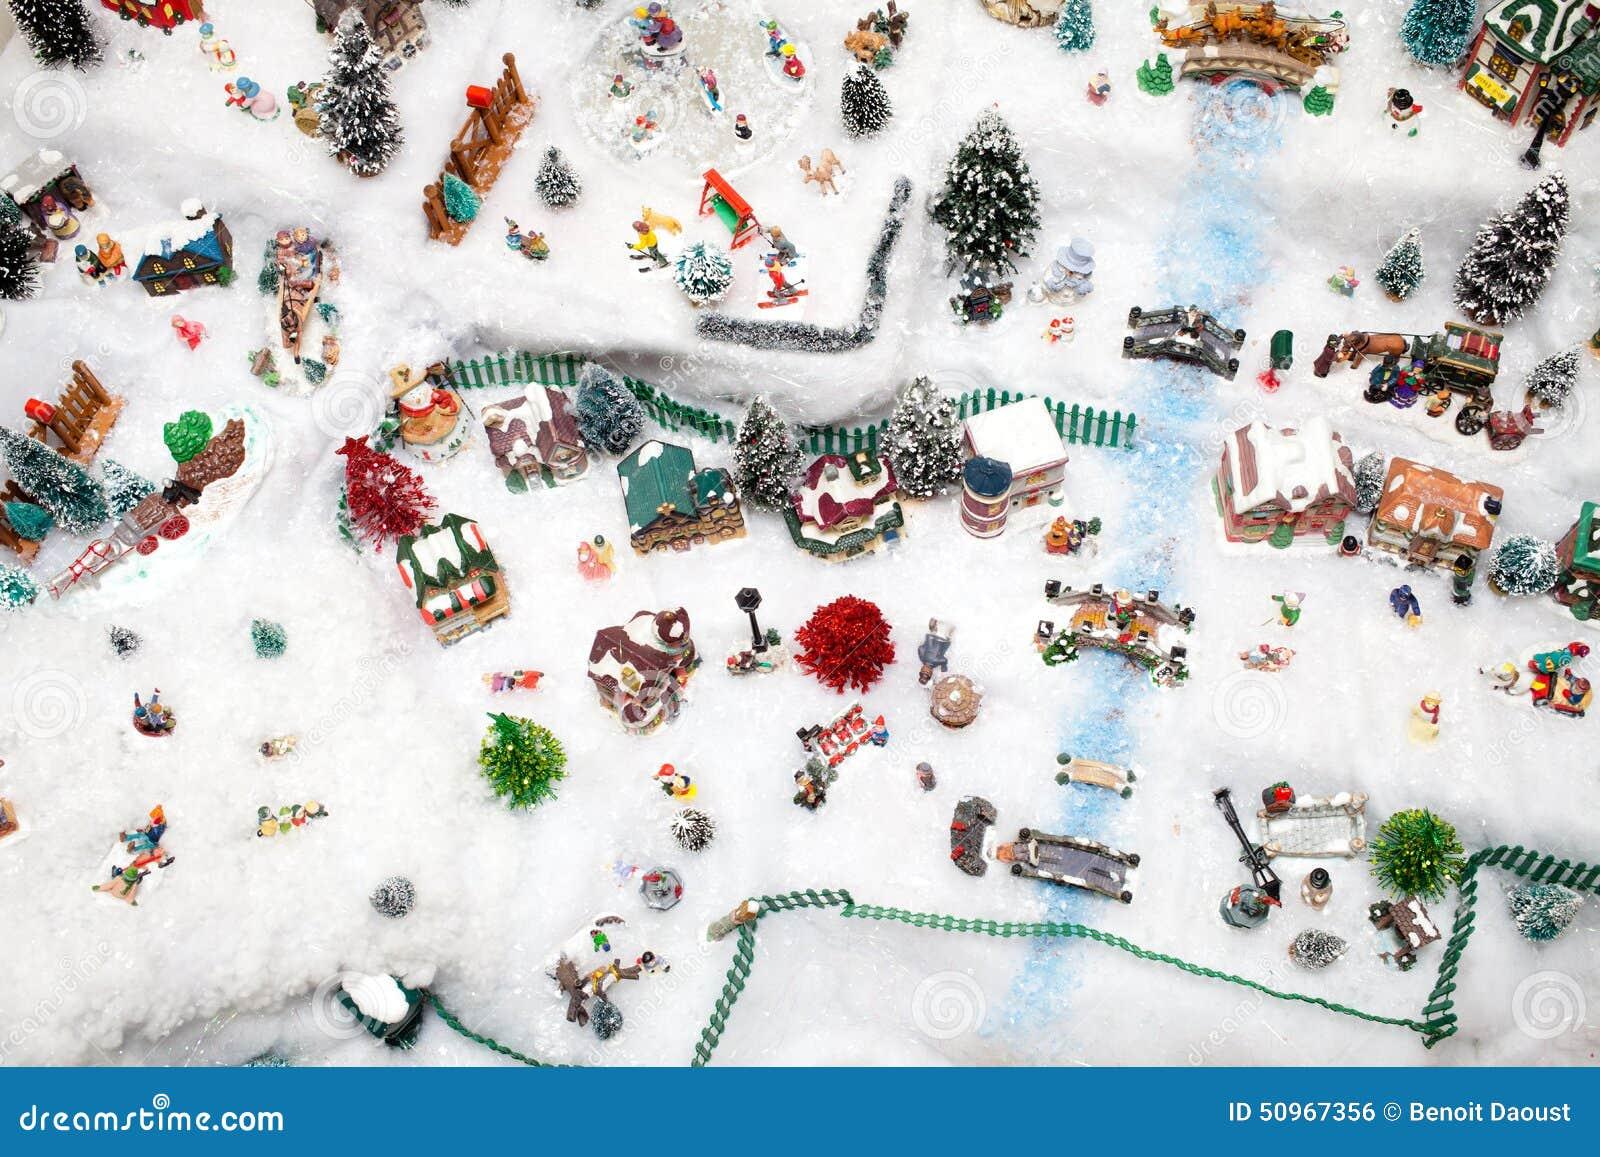 Miniature Christmas Village Under Xmas Tree Stock Photo ...